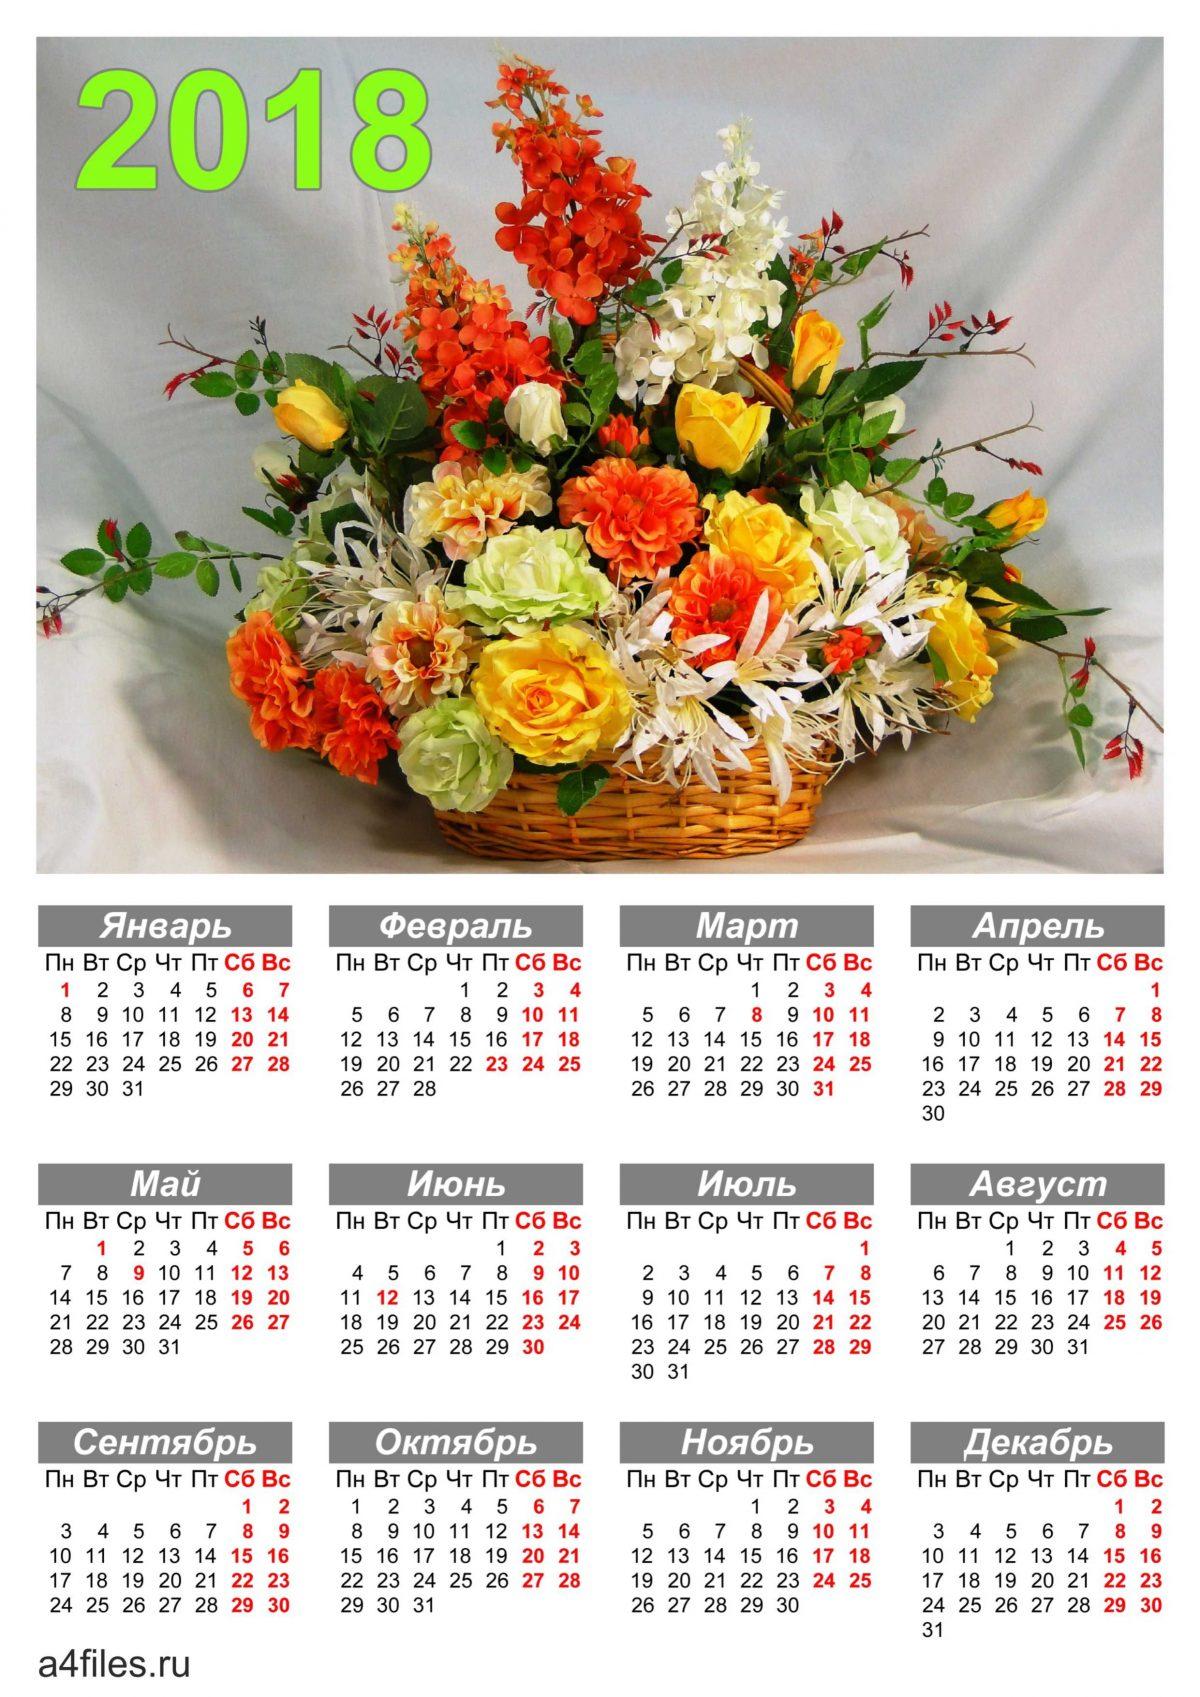 Календарь с корзинкой цветов